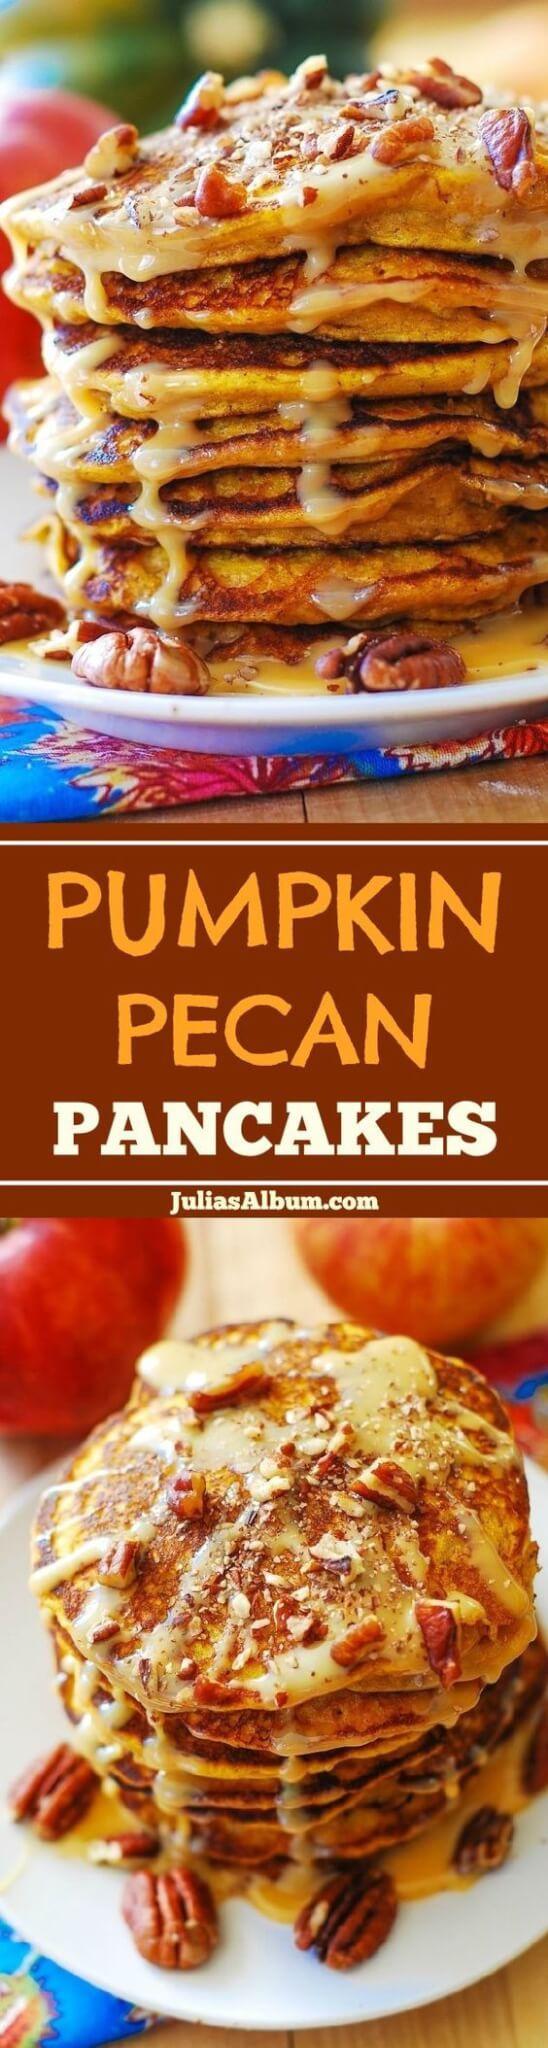 nice Pumpkin Pancakes with Caramel Pecan Sauce